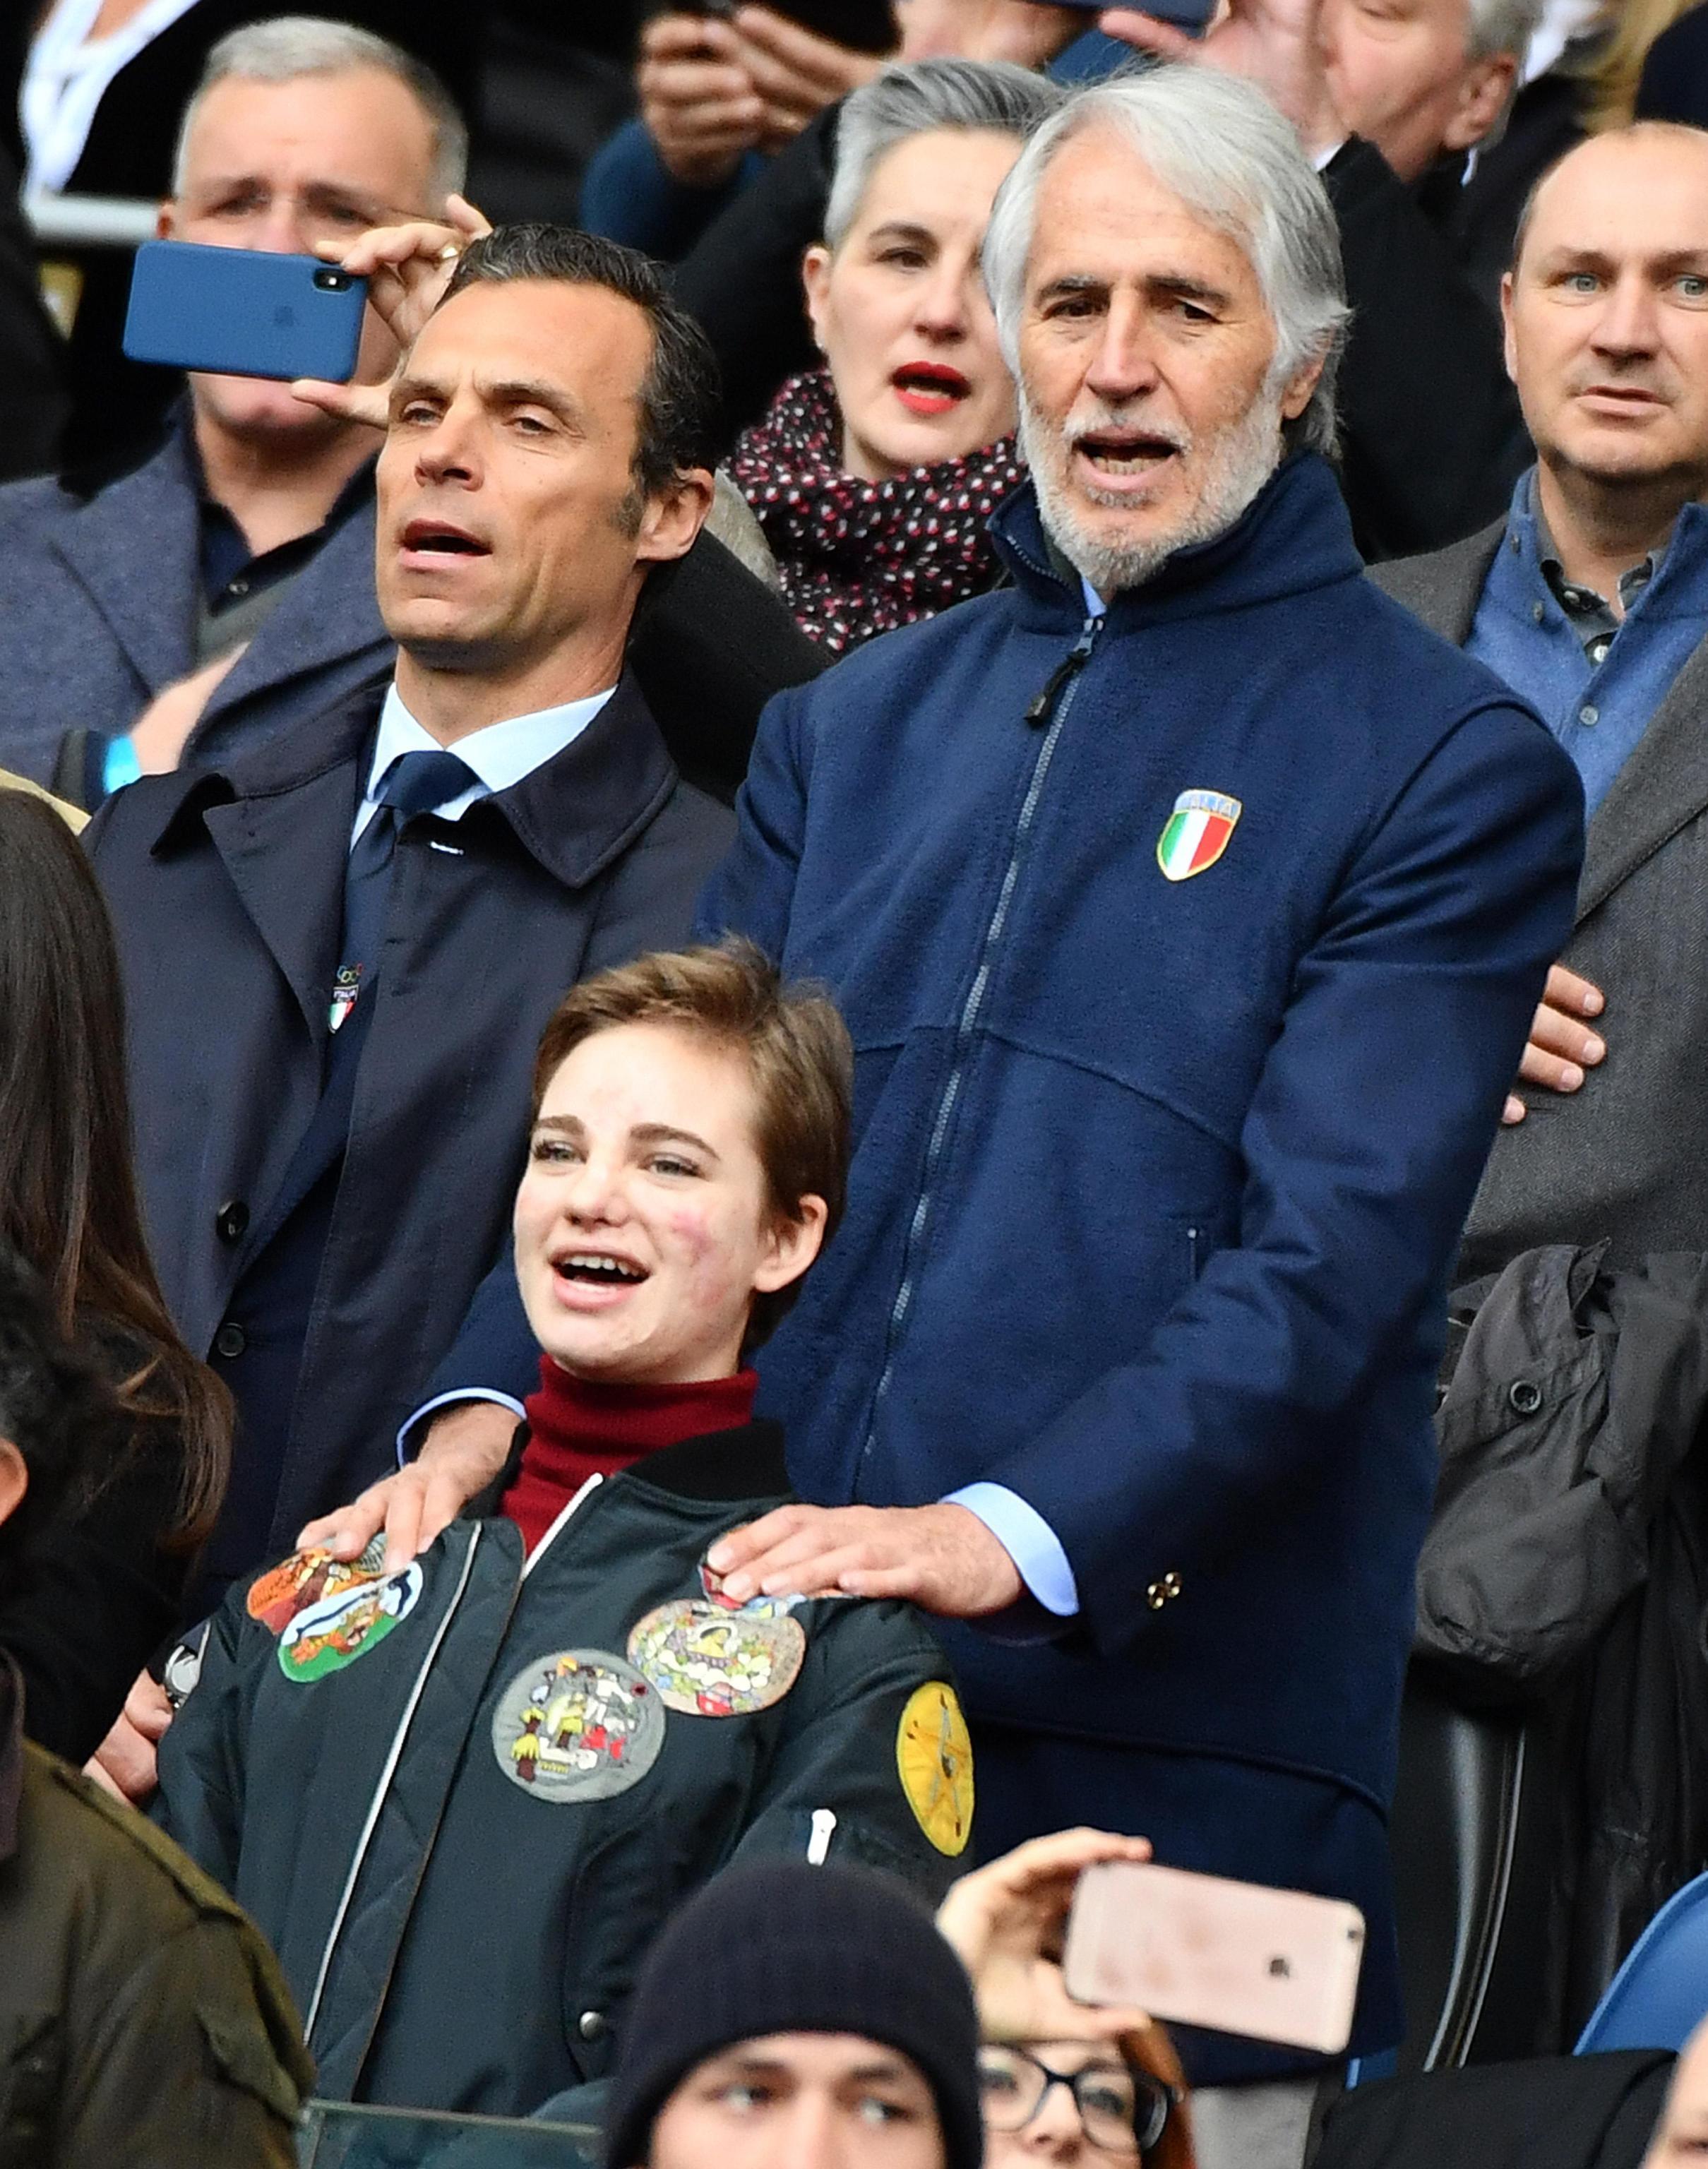 """Quinta sconfitta in altrettante gare del Sei Nazioni 2018 per l'Italia del rugby che, all'Olimpico di Roma, è stata sconfitta 29-27 nel finale dalla Scozia. Per gli Azzurri è la diciassettesima sconfitta consecutiva nel torneo, che li condanna anche per questa edizione al """"Cucchiaio di legno"""". Tre le mete per l'Italia due realizzate da Allan e una da Minozzi, ma non è bastato. Il calcio di Laidlaw a un minuto dalla fine è valso la sconfitta."""